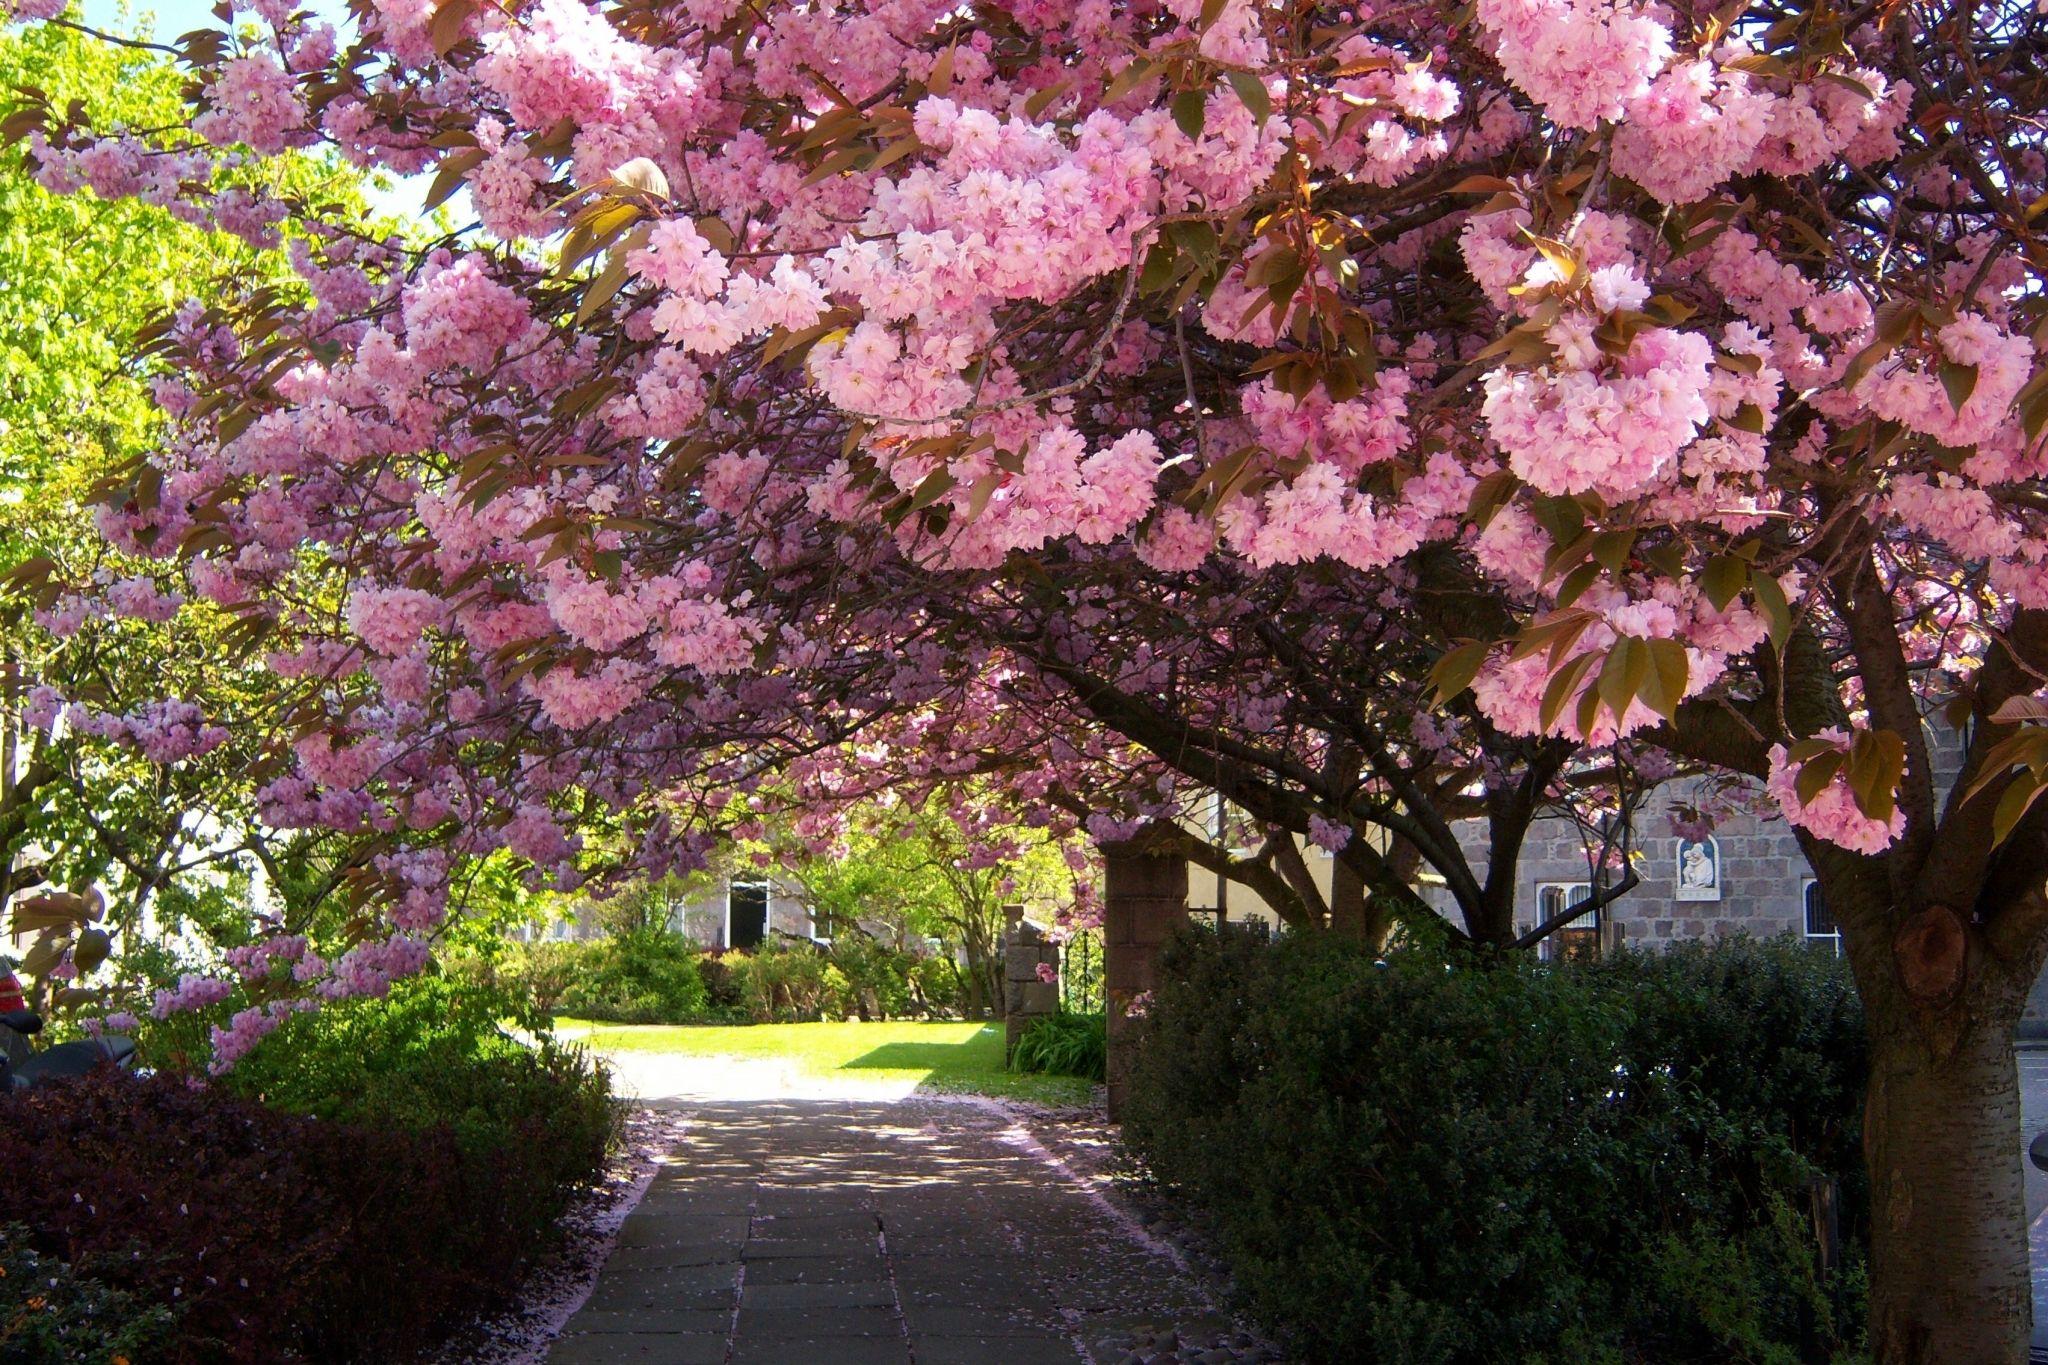 Cherry Blossom Free Wallpaper Blossom Cherry Blossom Tree Pear Blossom